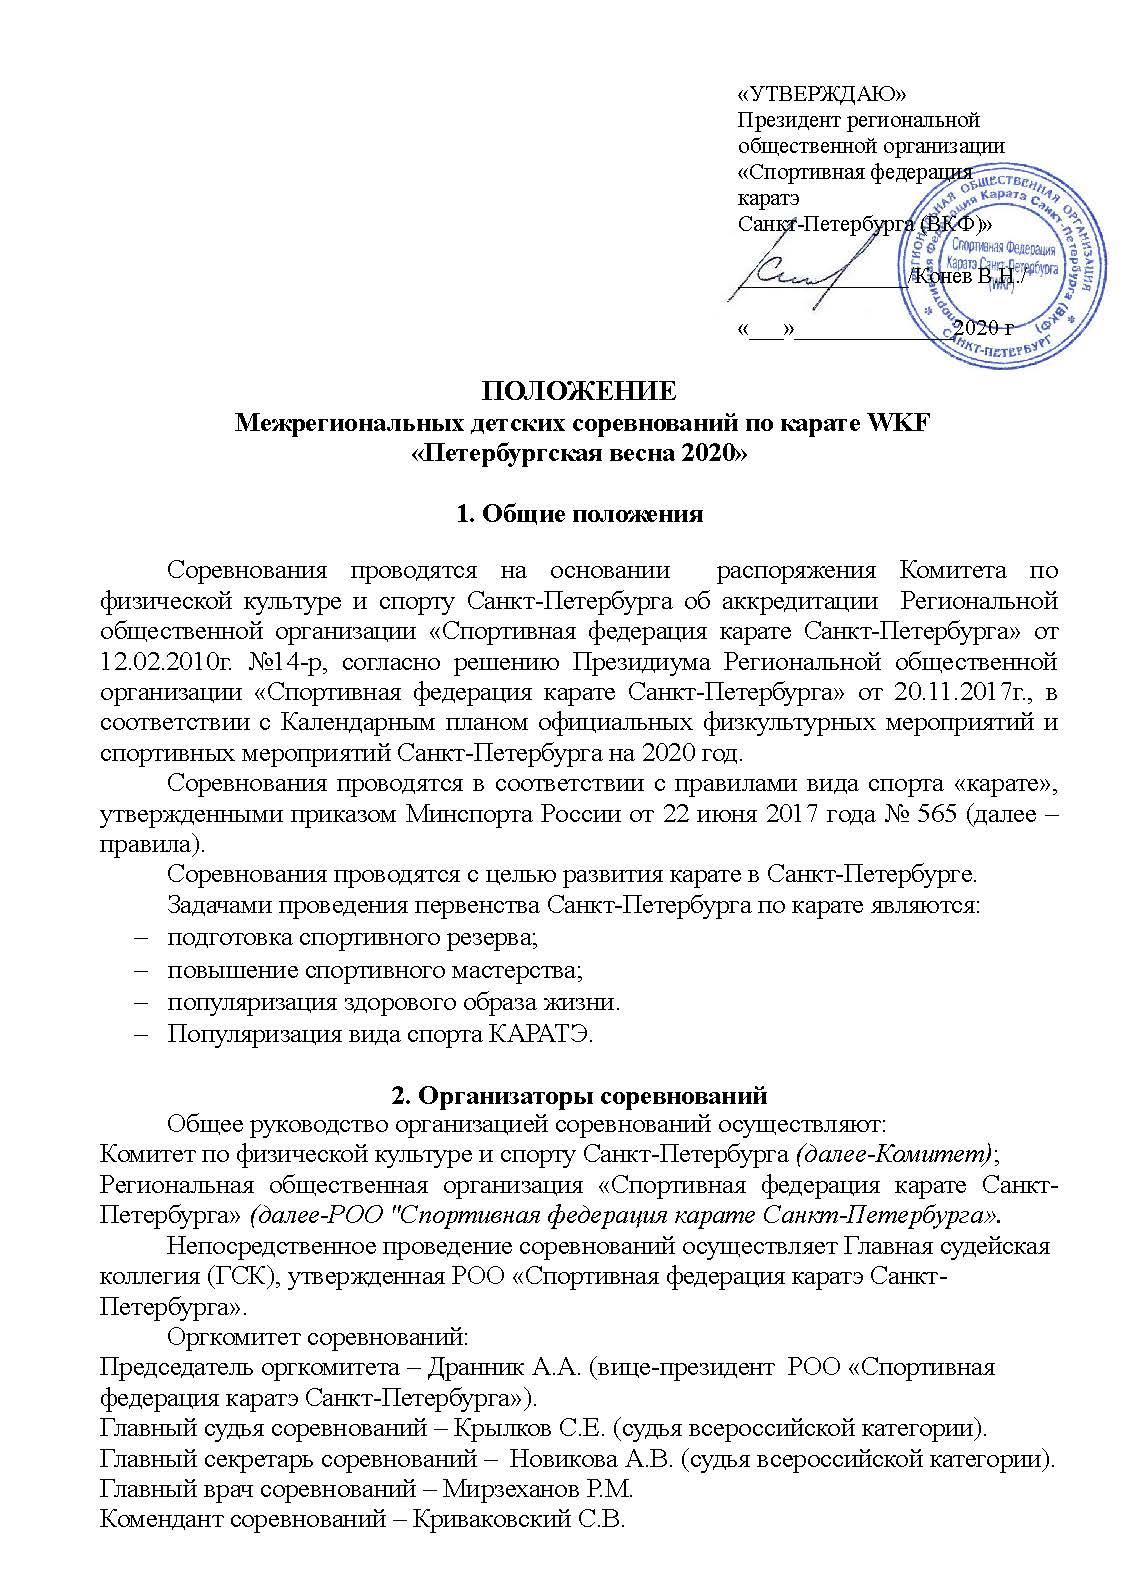 Положение Межрегиональные детские соревнования Петербургская Весна 2020_Страница_1